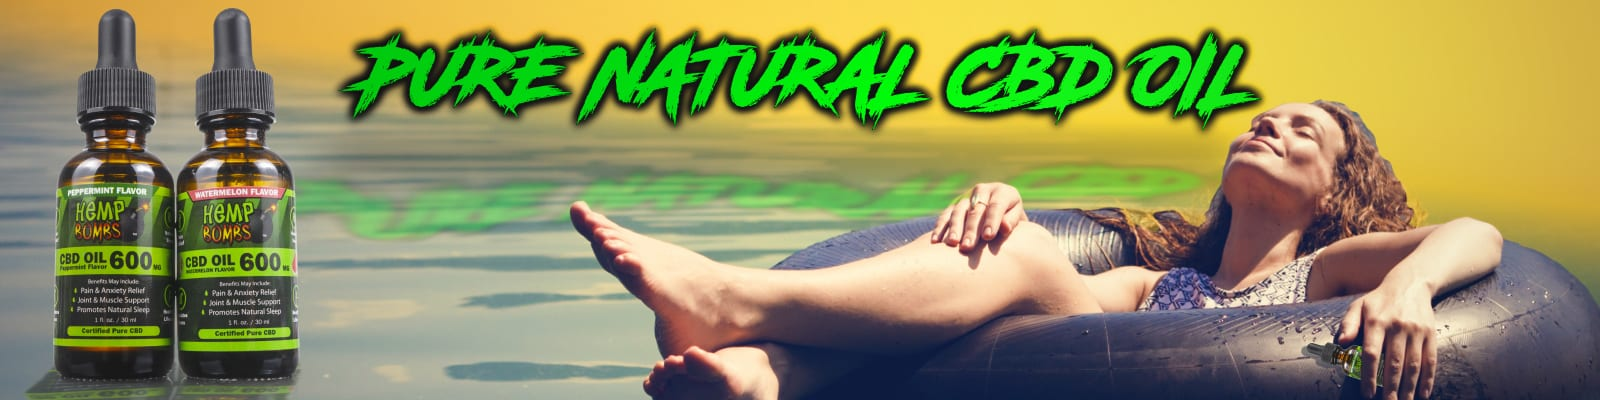 pure natural cbd oil